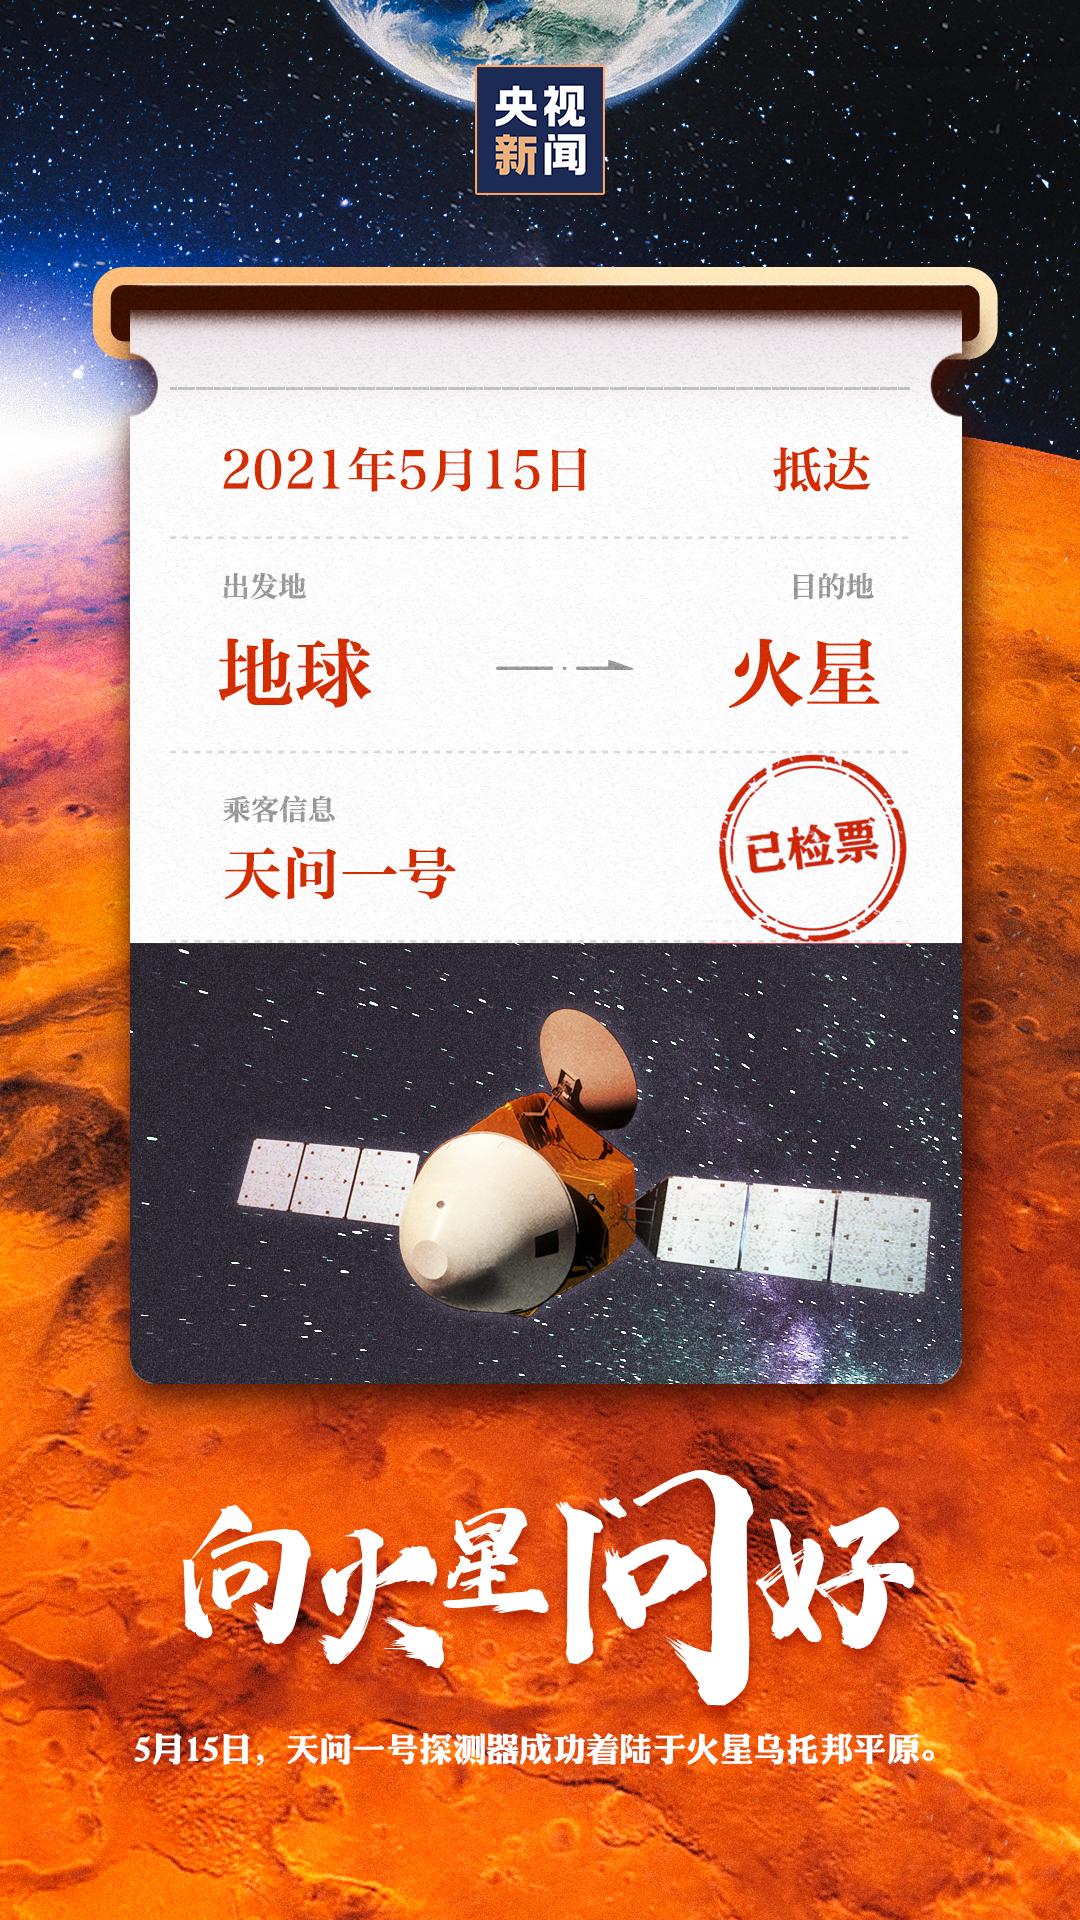 祝贺!成功着陆火星!